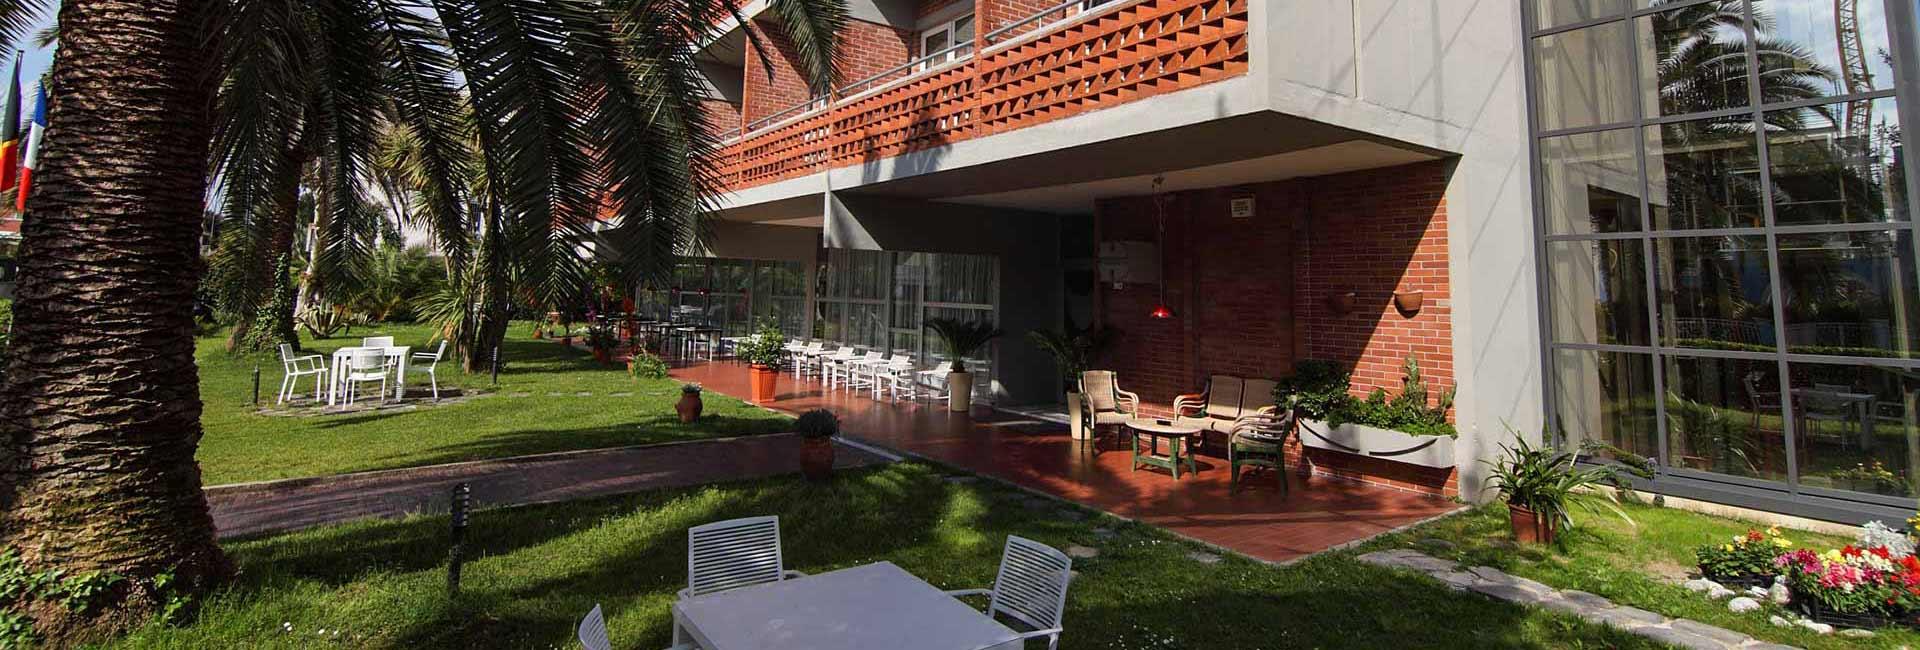 Hotel Marina Marina di Massa: Parking - Garden.